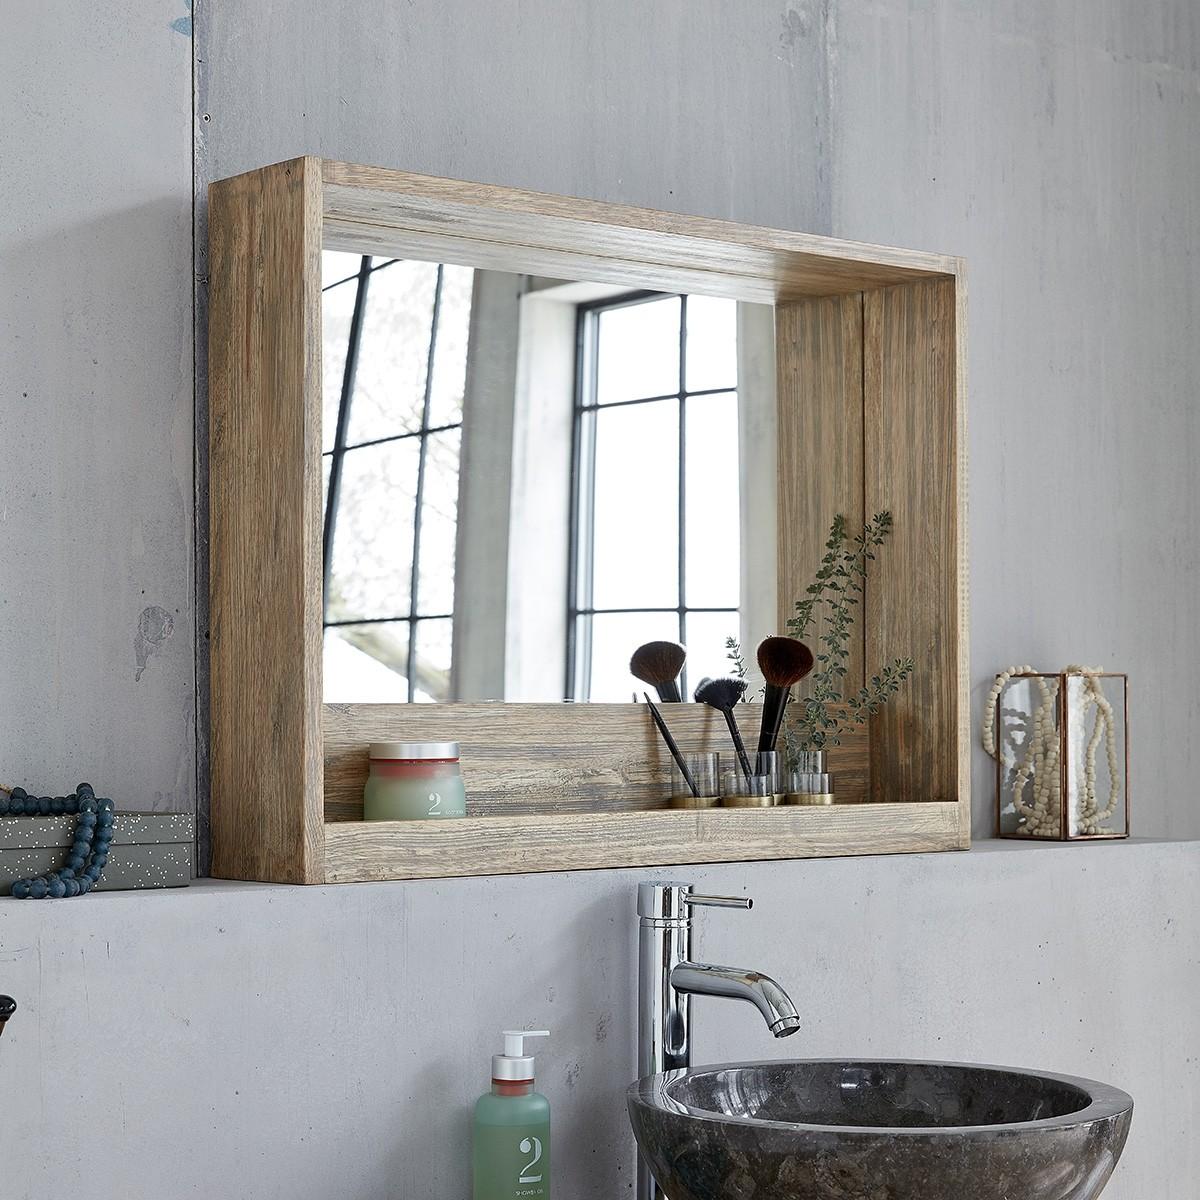 Miroir avec rangement en bois d 39 h v a 80 bois dessus bois dessous - Miroir loupe salle de bain ...